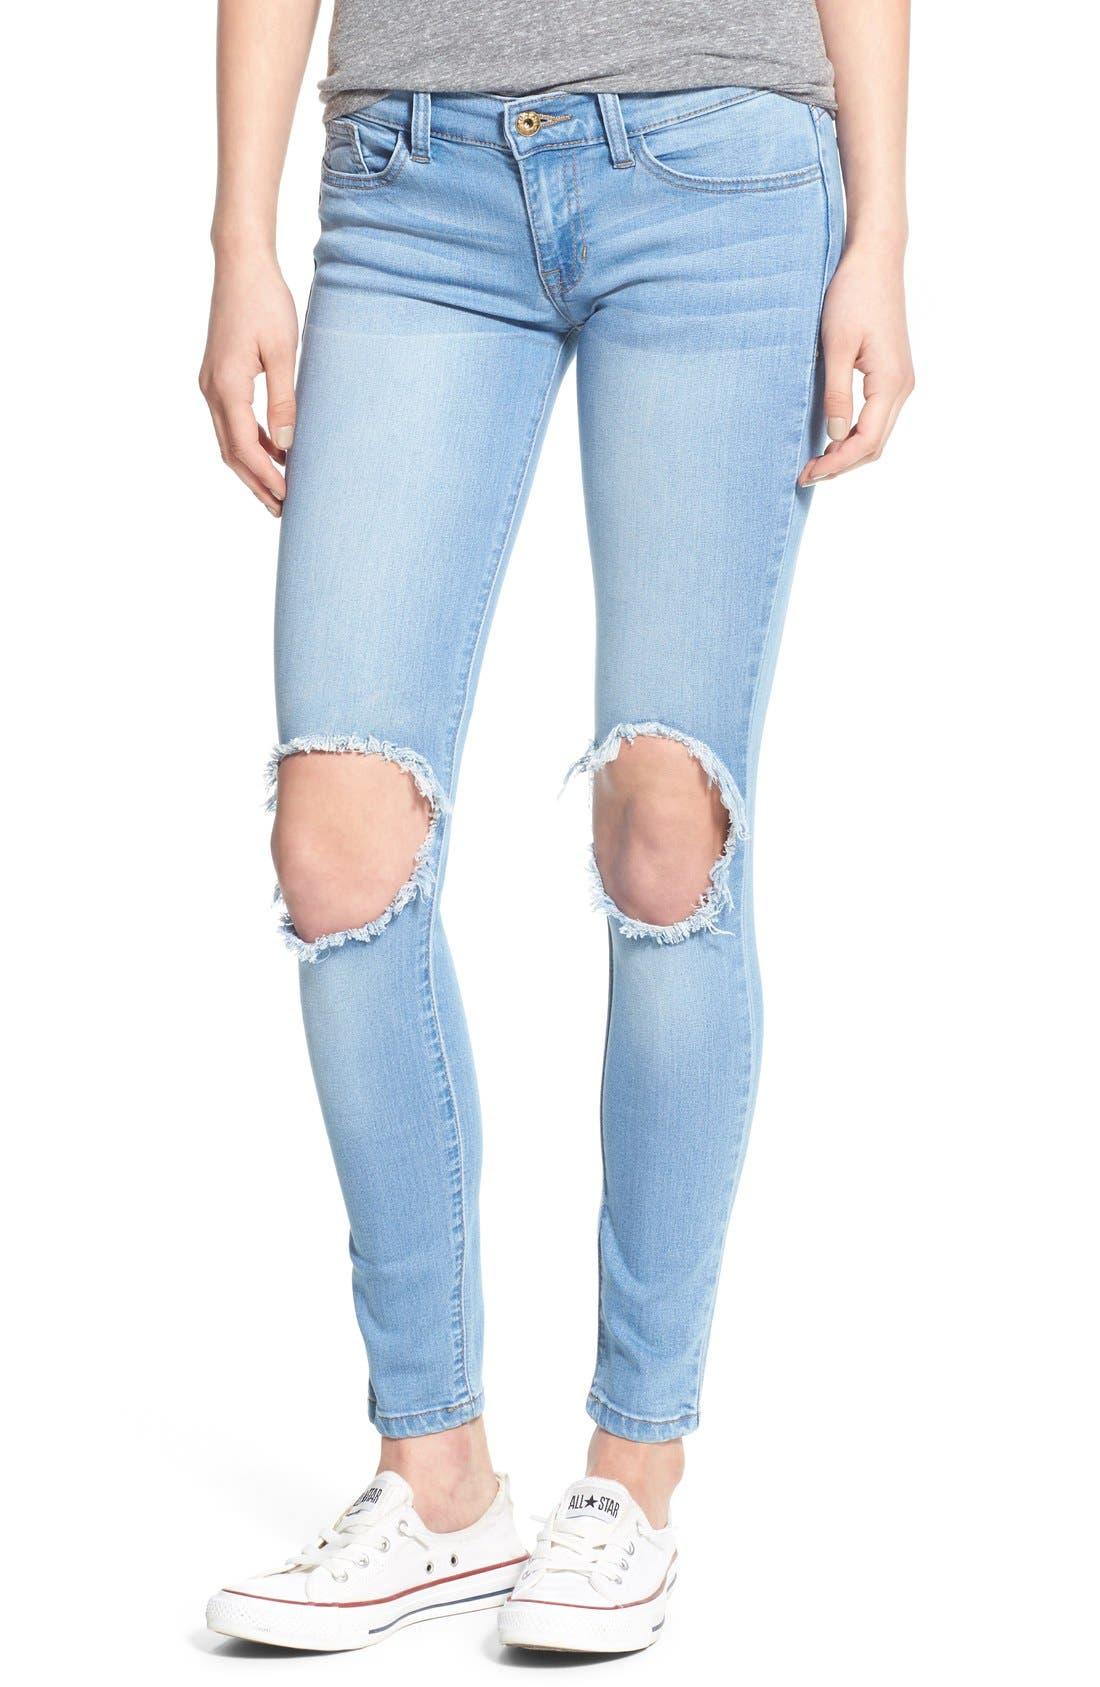 Alternate Image 1 Selected - SP Black Destroyed Skinny Jeans